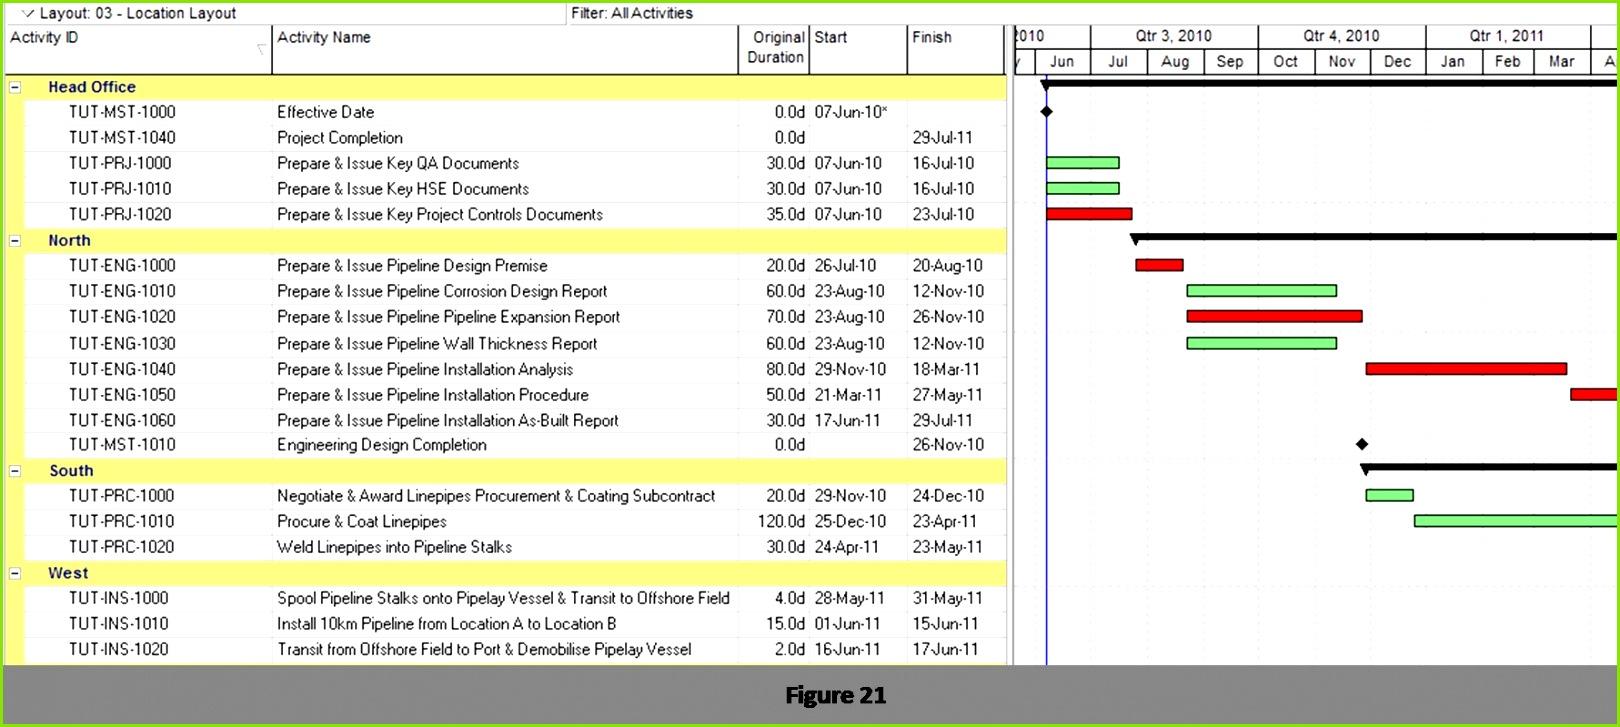 Stundenzettel Excel Vorlage Kostenlos 2016 Modell Excel Zeiterfassung Vorlage Von Excel Vorlagen Kostenlos Elegant